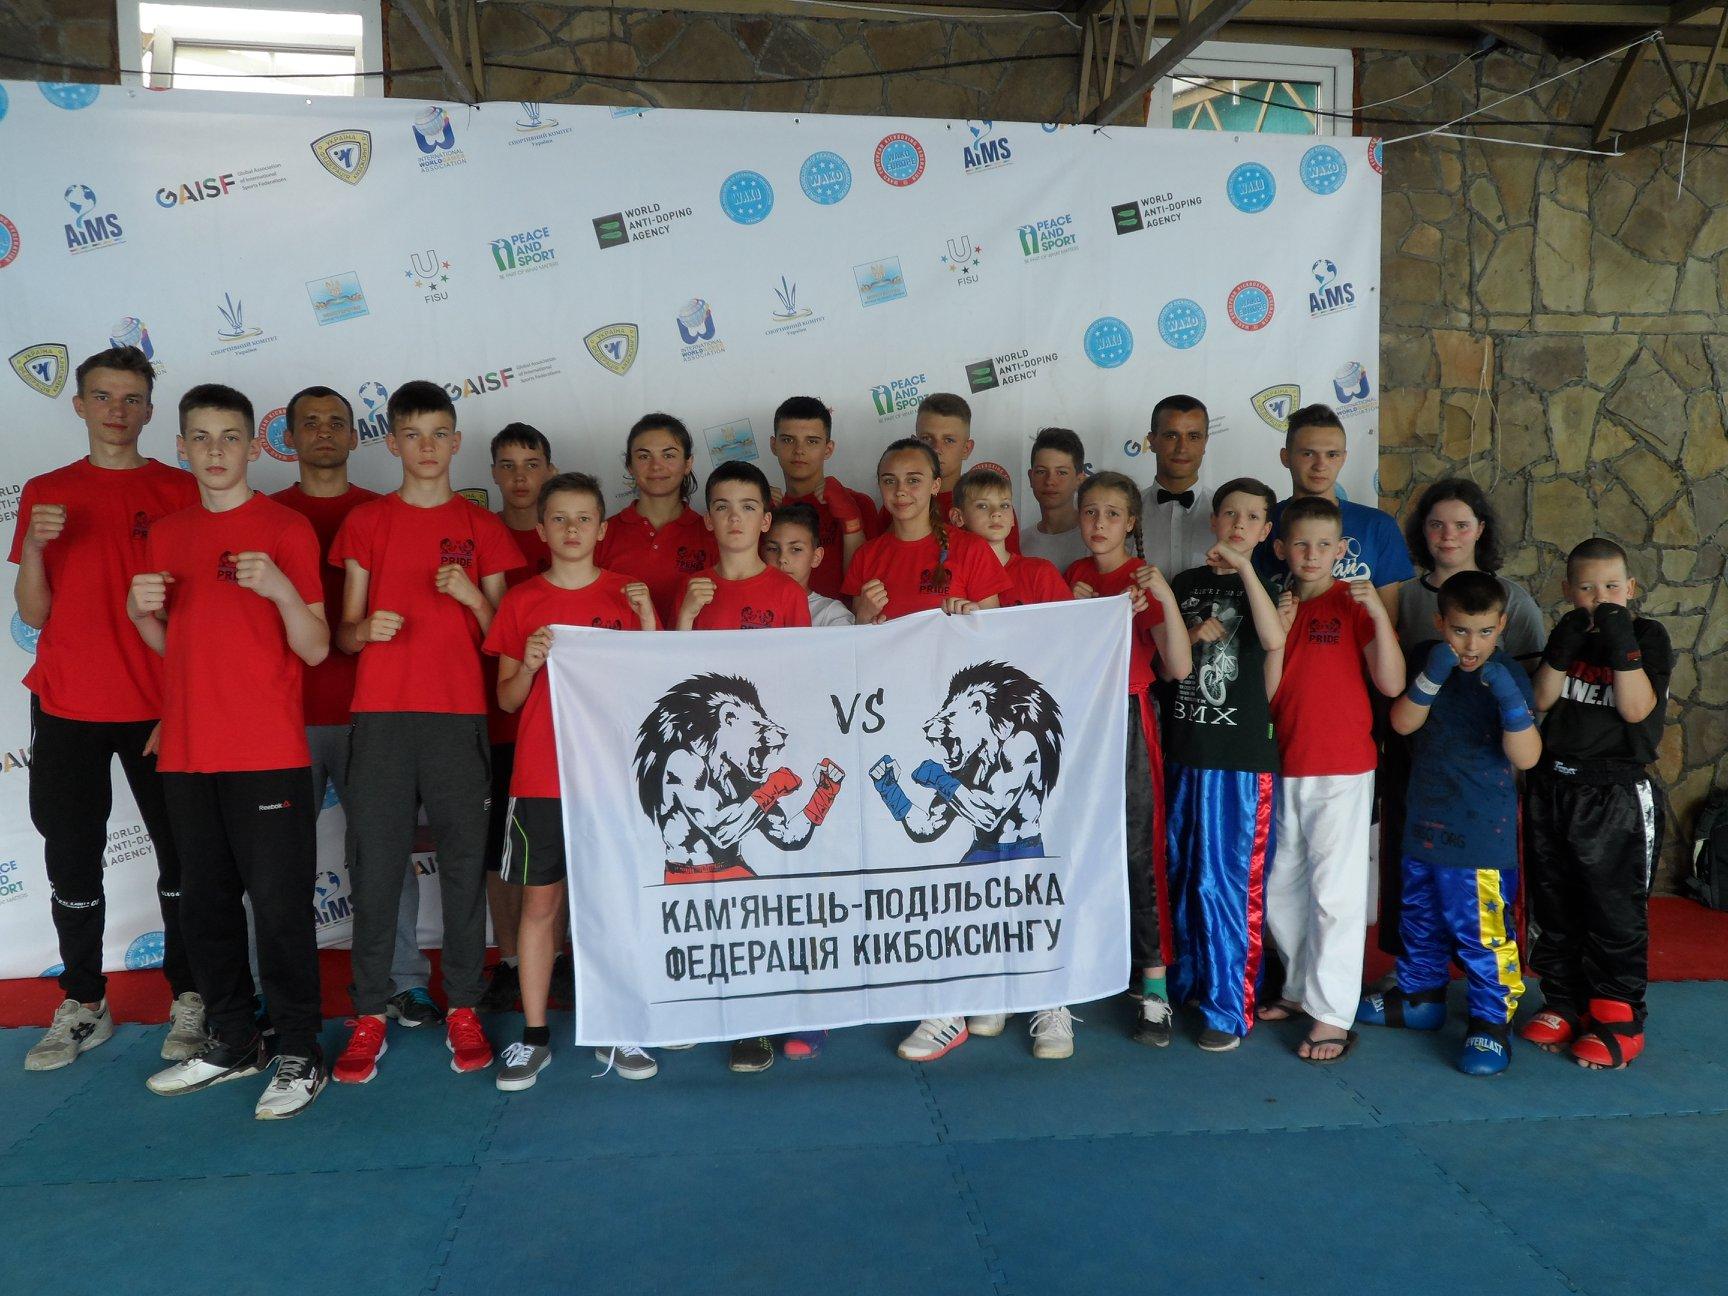 khmel-champ-2019 Змагання та екскурсії поєднали на першості Хмельницької області 2019khmel champ 2019 -